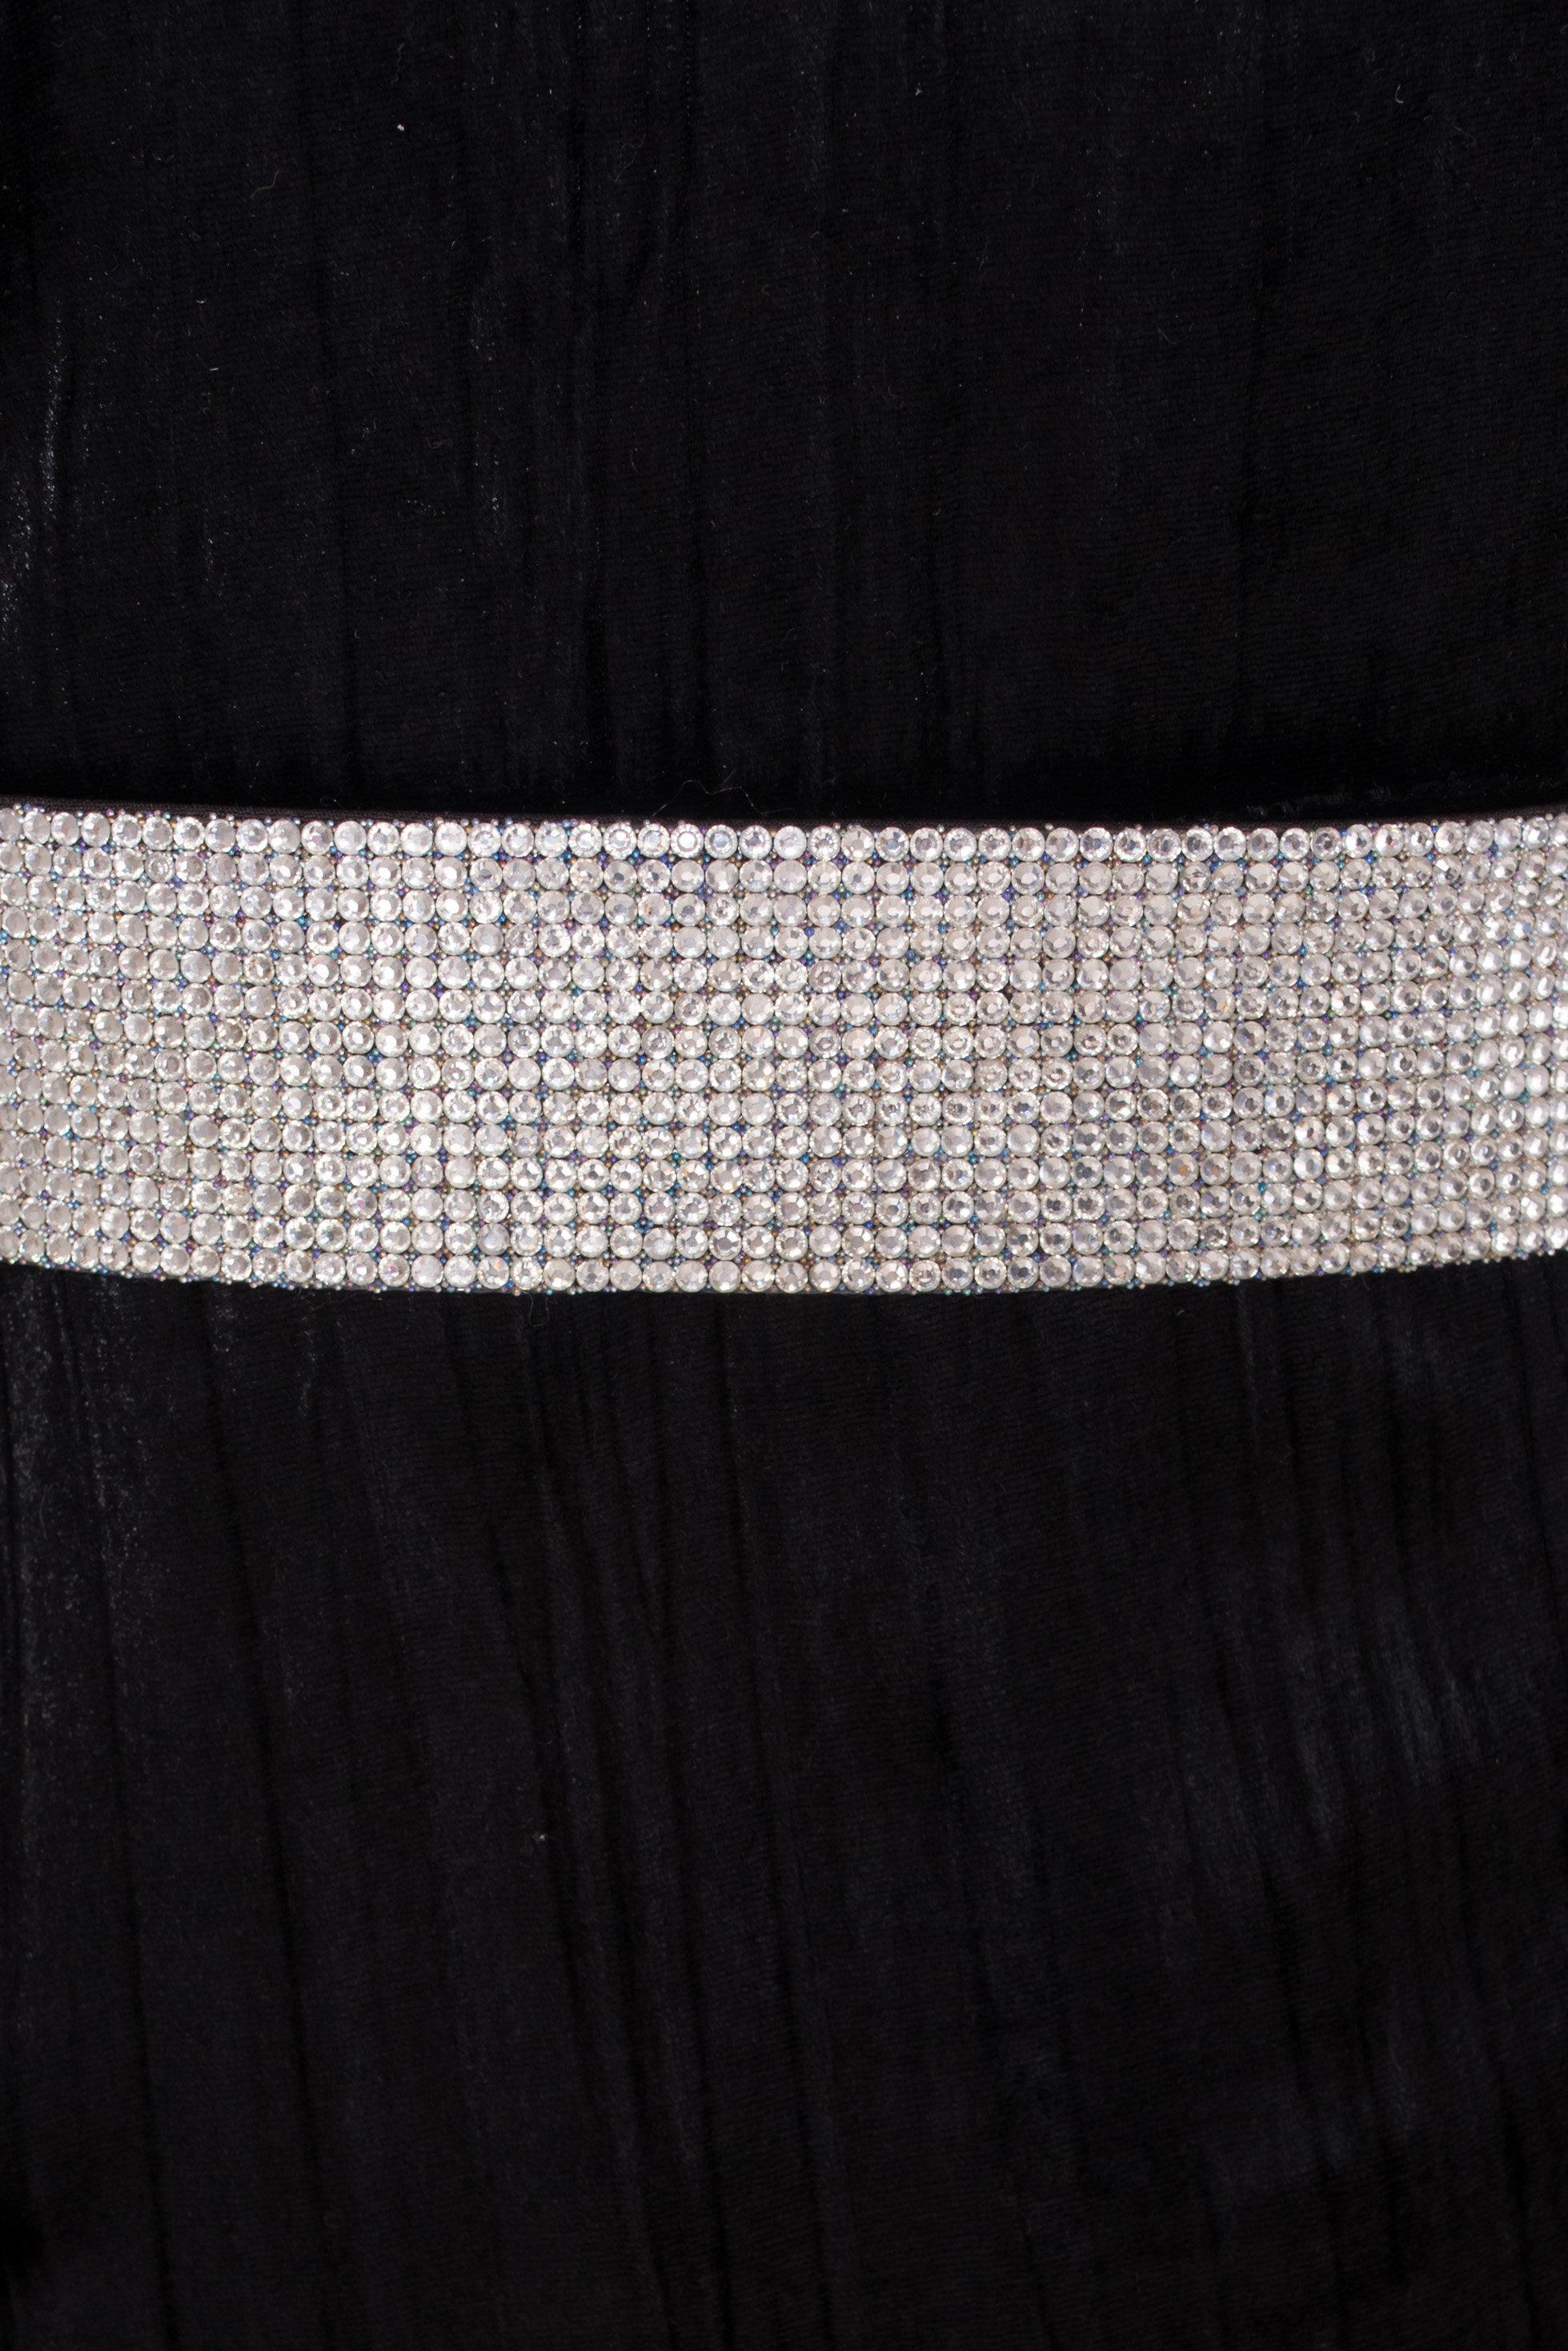 Велюровое платье-миди длины Блек 8652 АРТ. 44974 Цвет: Черный - фото 9, интернет магазин tm-modus.ru